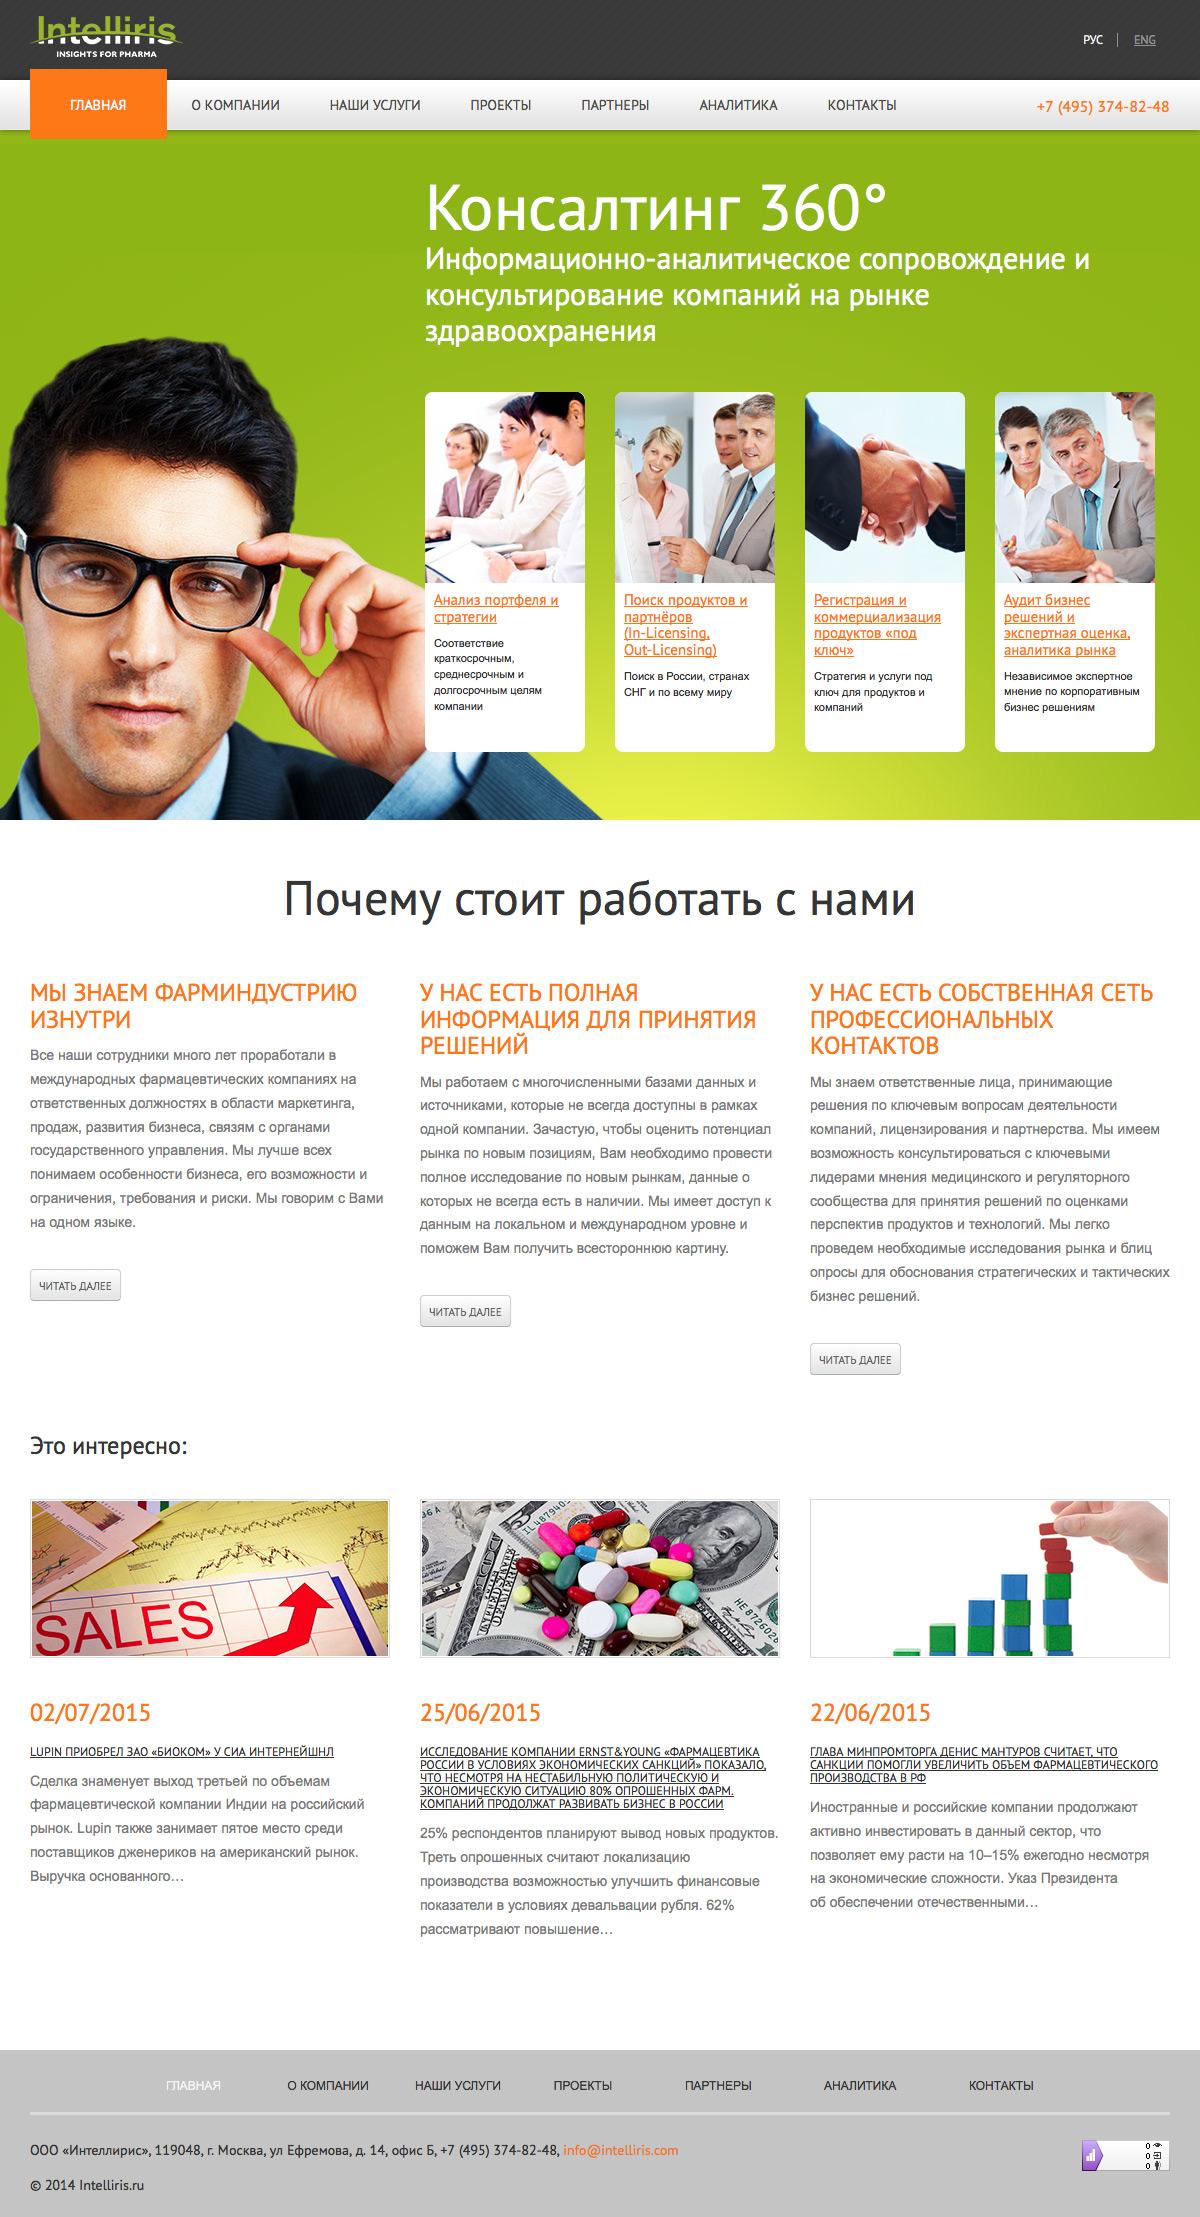 Сайт колсалтинговой компании «Интеллирис»